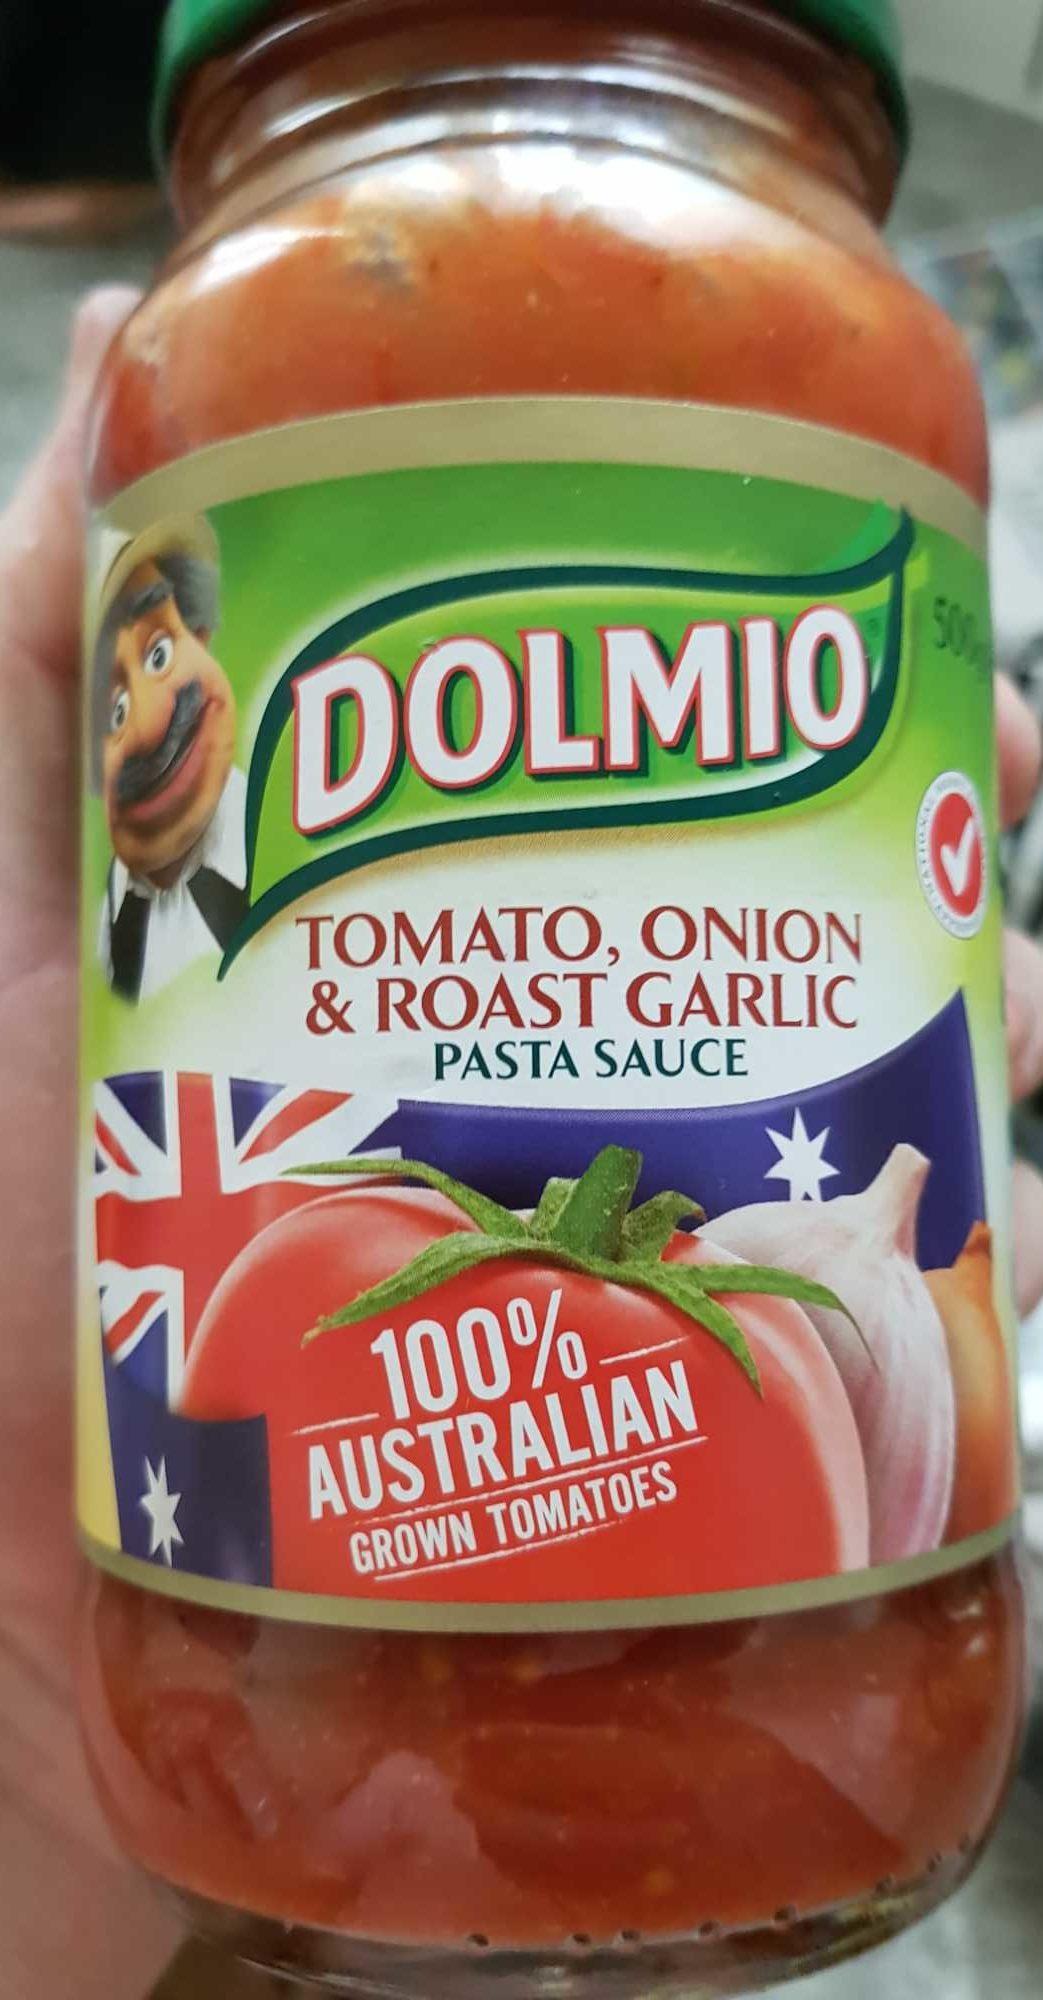 Tomato, Onion & Roast Garlic Pasta Sauce - Product - en